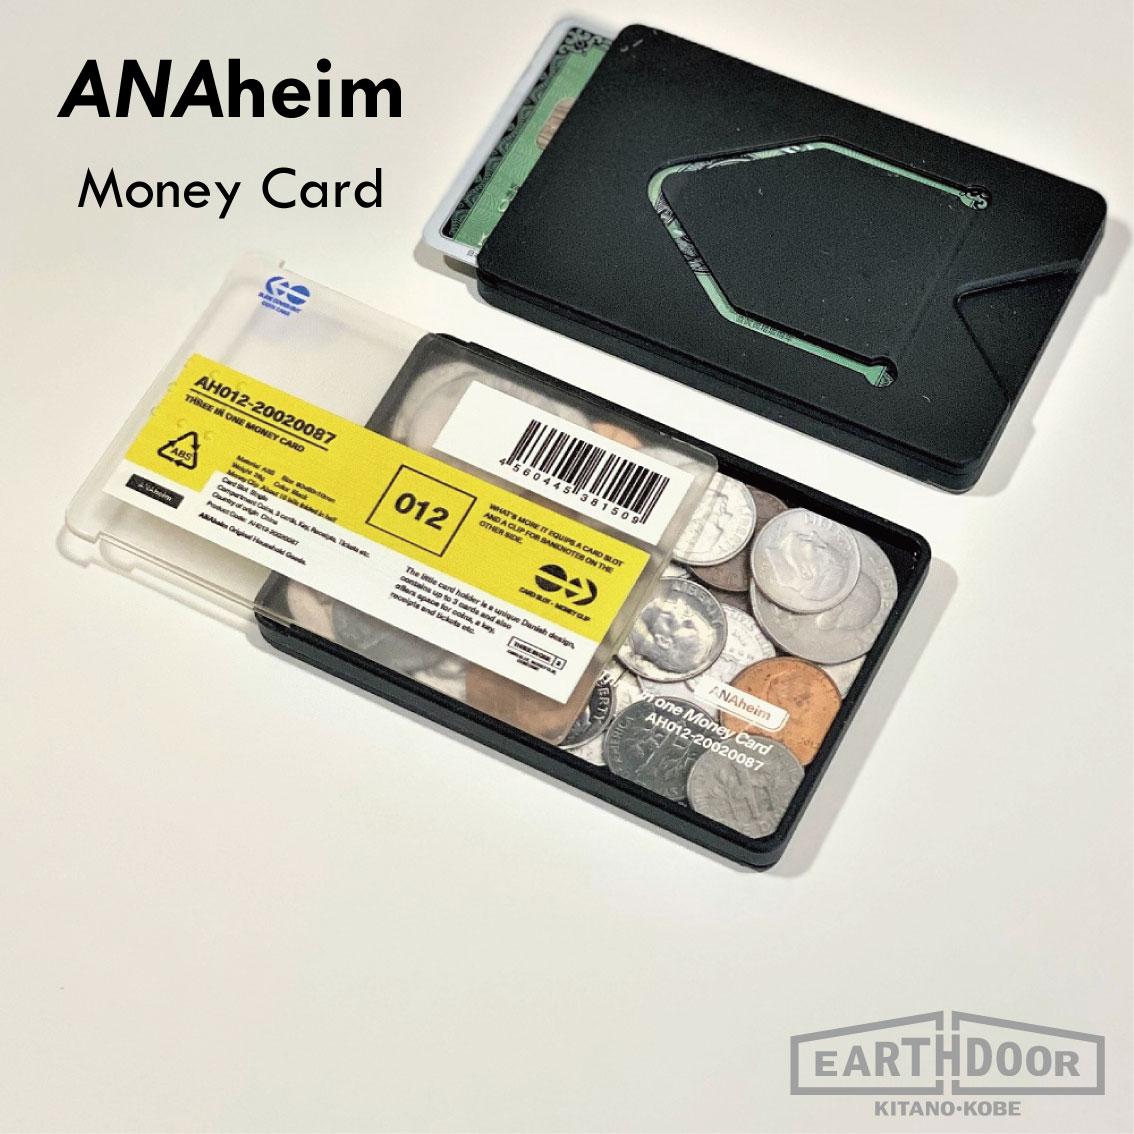 スライド式でコインも見やすい優秀なマネーカードケース マネー カード ケース コインケース アナハイム ANAhaim Money Card おしゃれ 収納 小物収納 キーホルダー アクセサリー 小物 メンズ ピアス トレー 激安通販 パスケース ICカード マネークリップ 札入れ